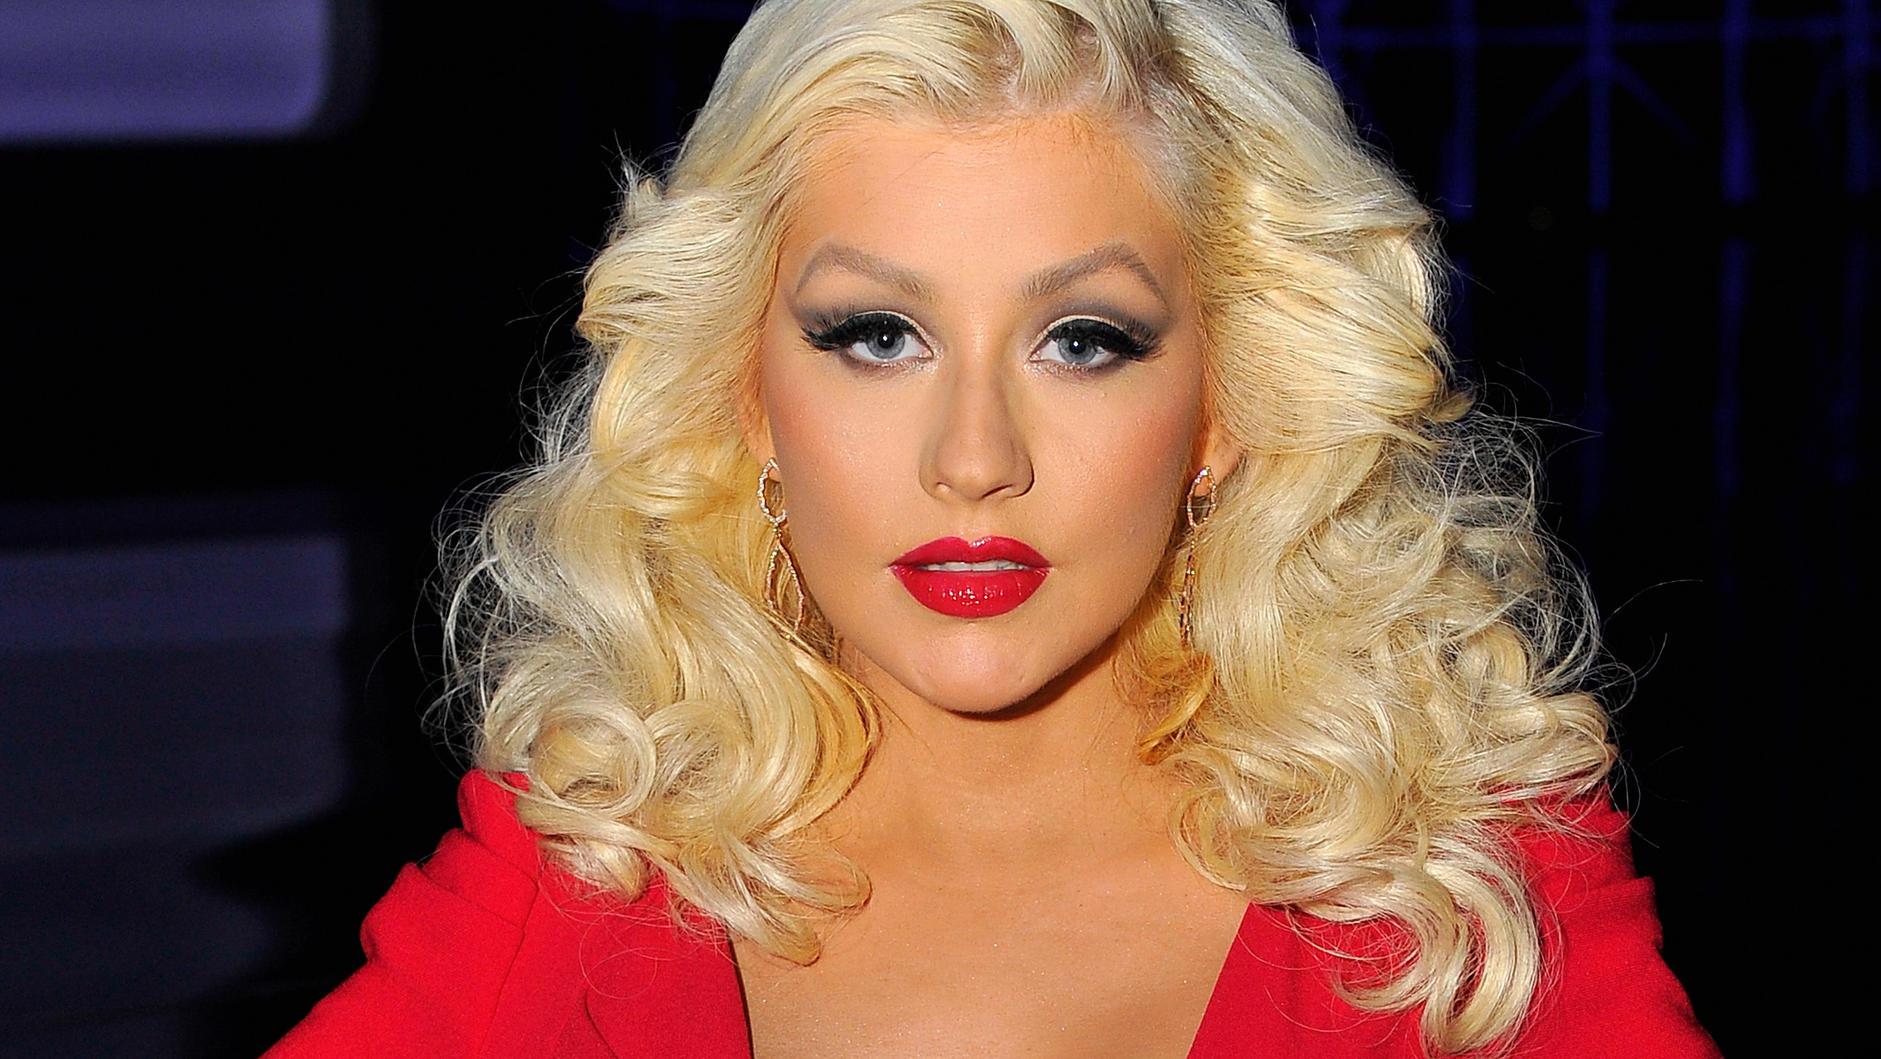 Christina Aguilera ungeschminkt: So natürlich haben wir